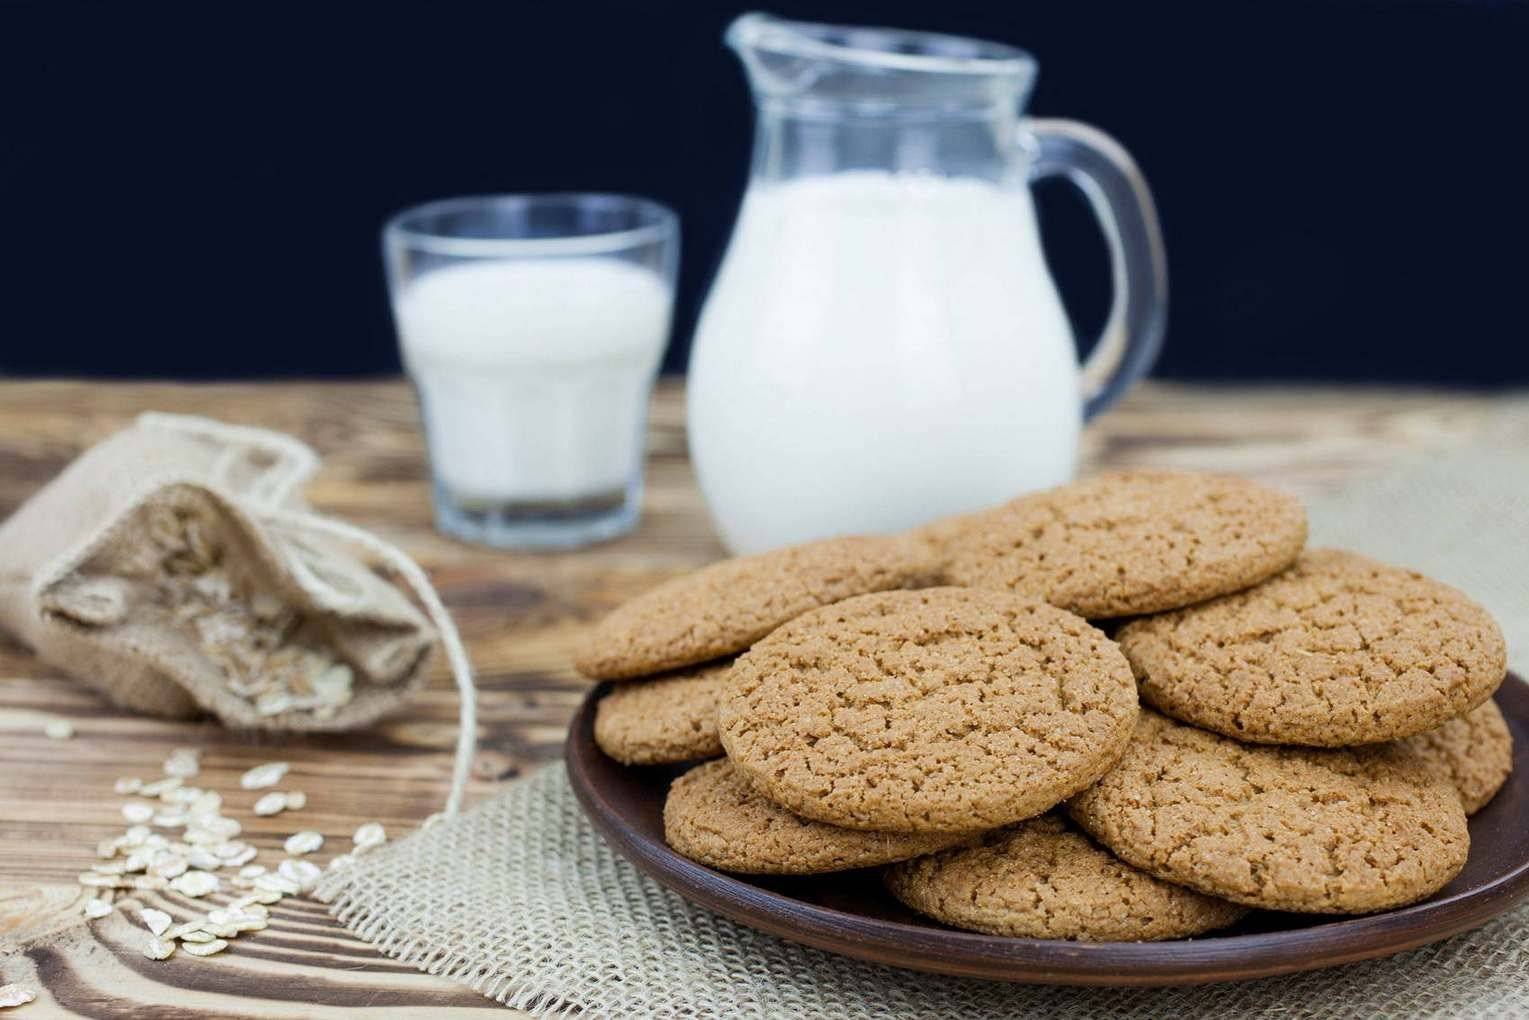 Можно ли кормящим мамам печенье? взгляд специалиста: может ли повредить кормящей маме и малышу употребление печенья - автор екатерина данилова - журнал женское мнение